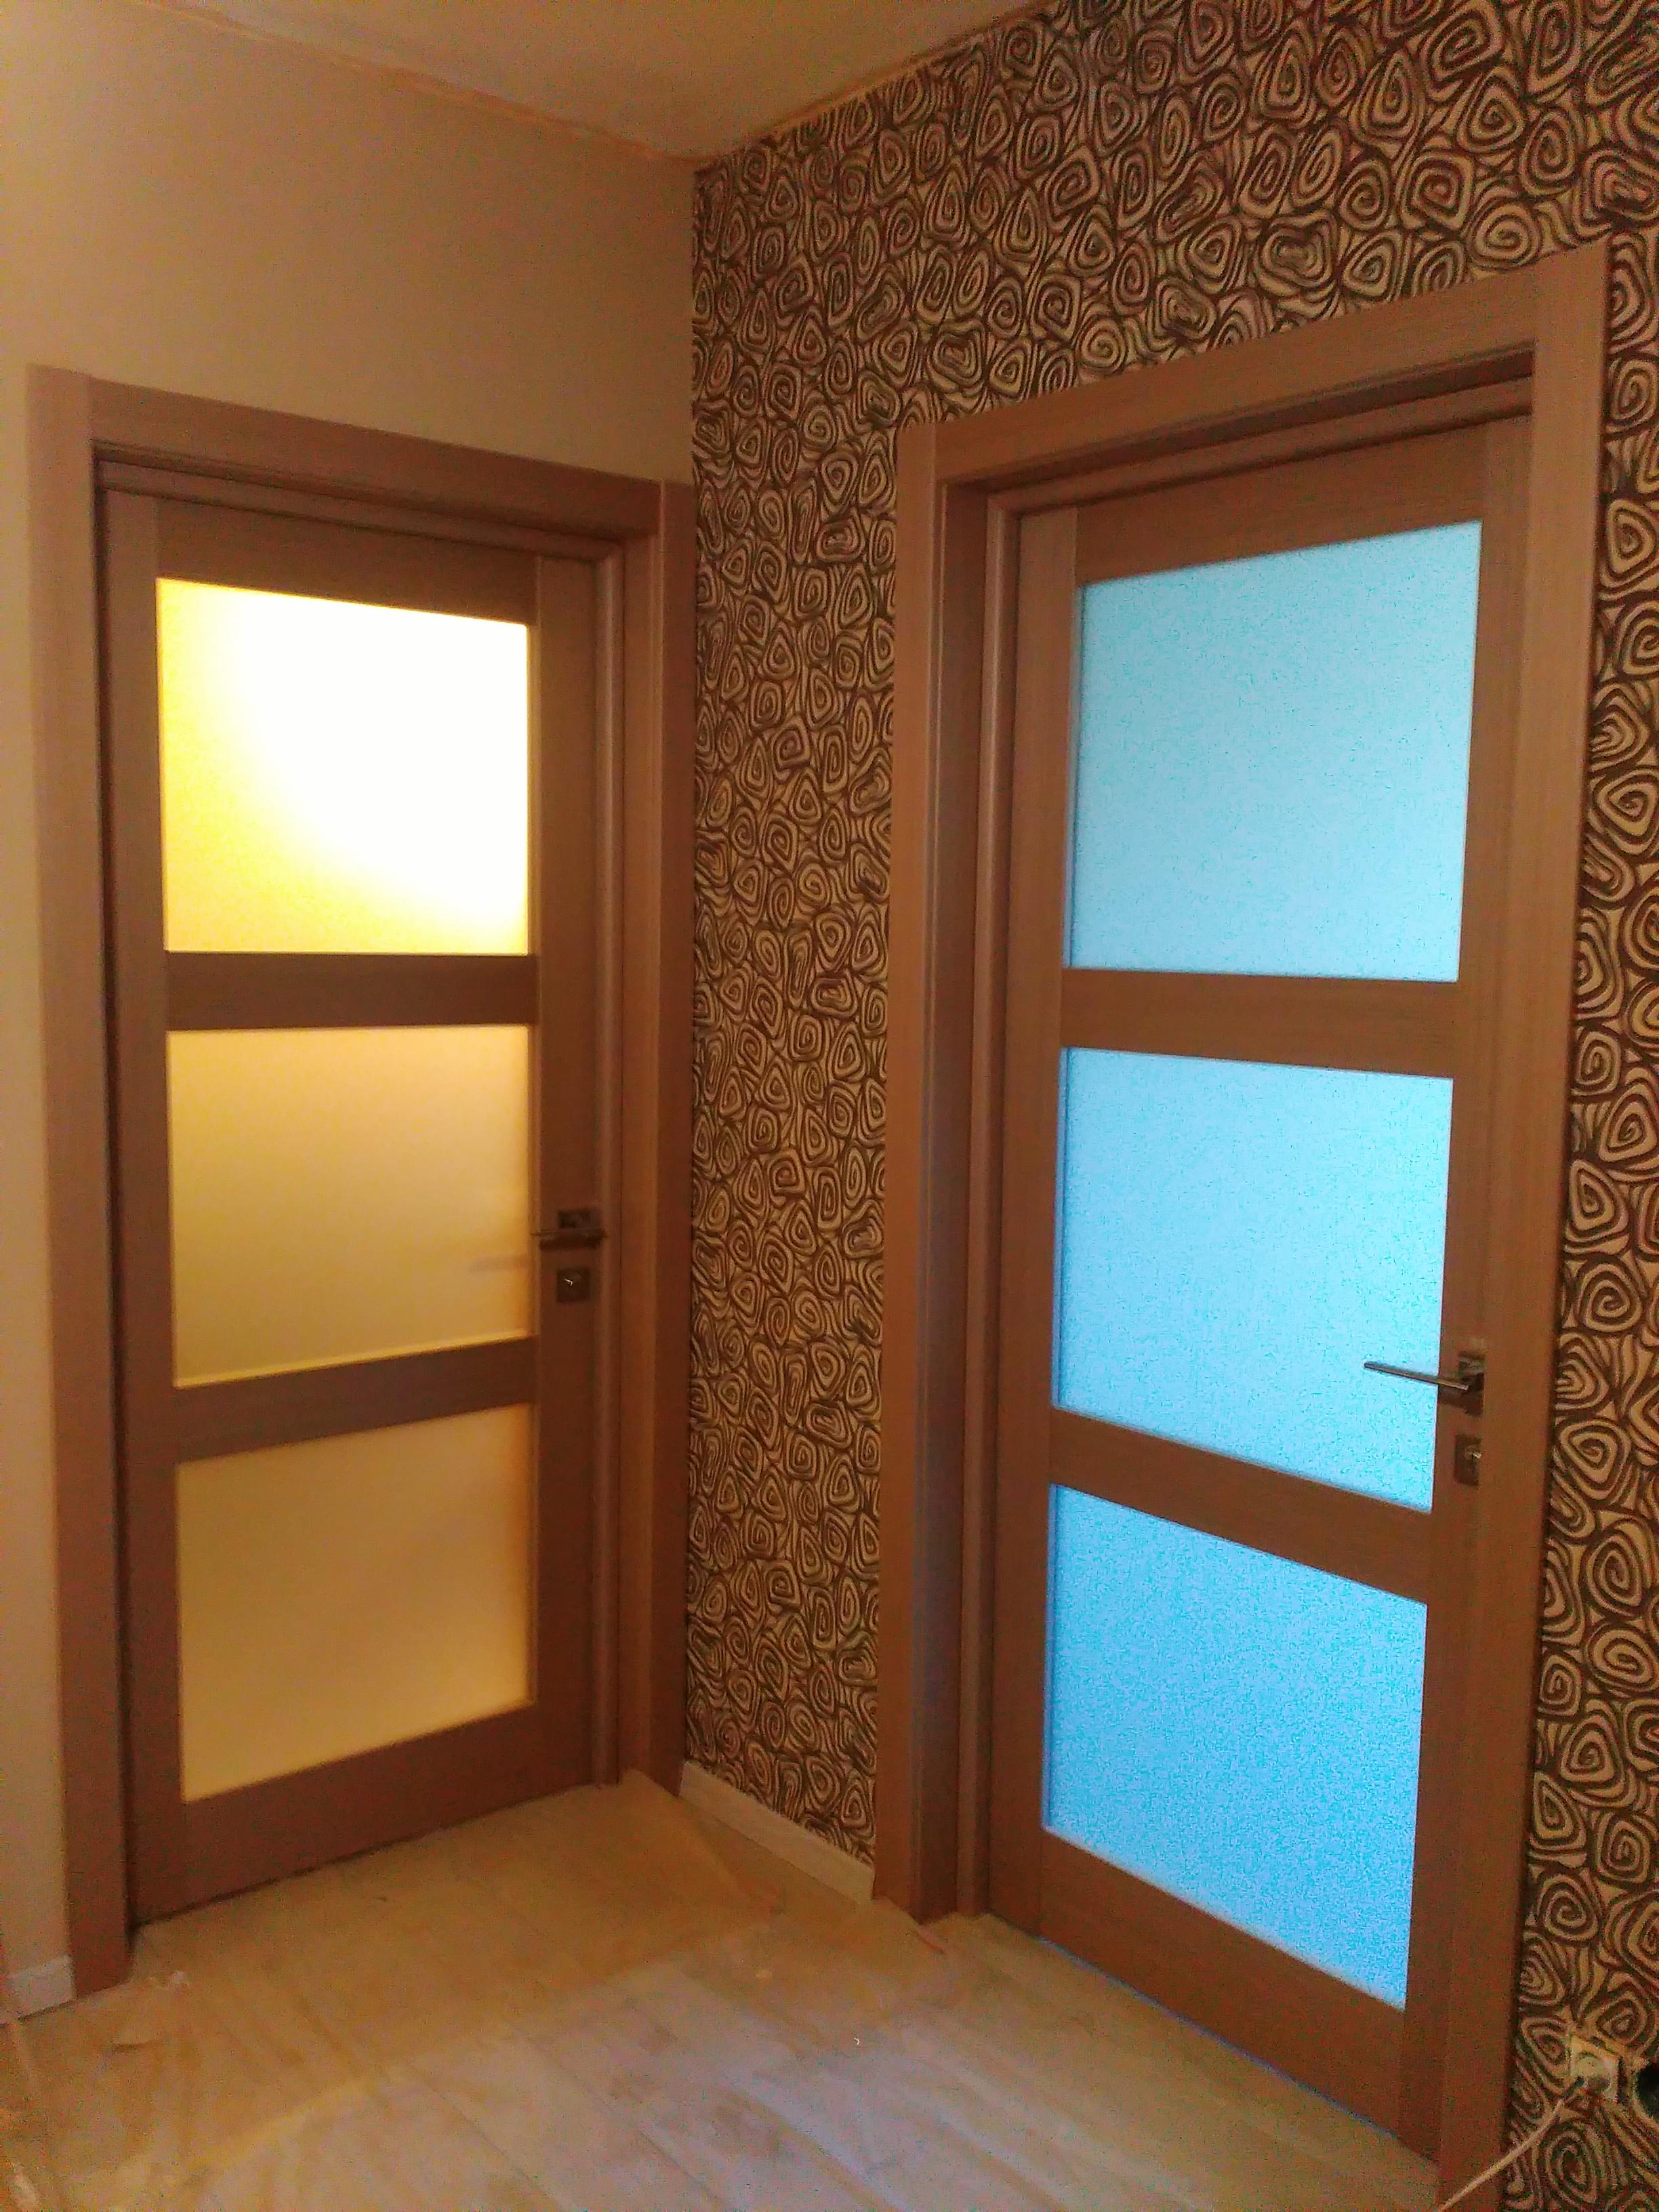 Фото 5 межкомнатных дверей со скрытыми петлями